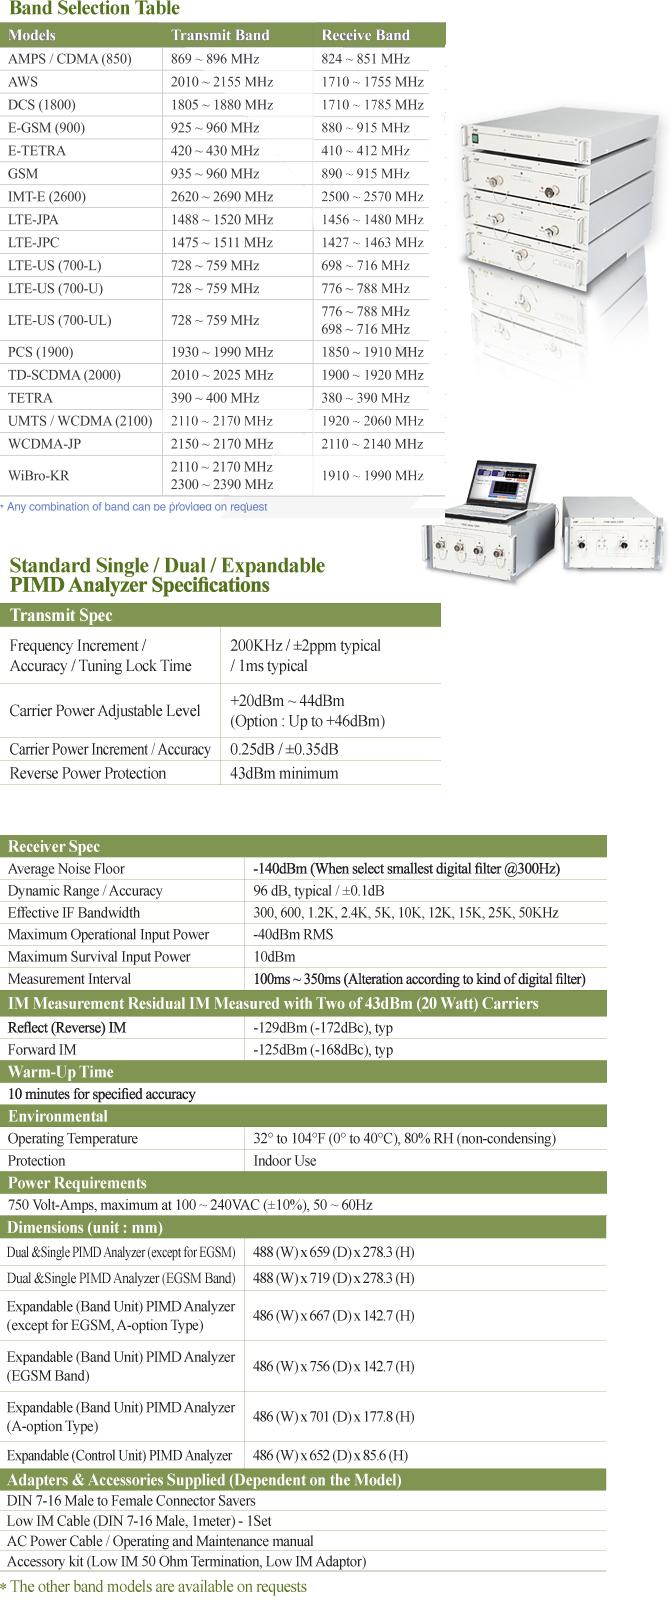 (주)에이스웨이브텍 Standard Single / Dual /Expandable Band Models PIMD Analyzer  1